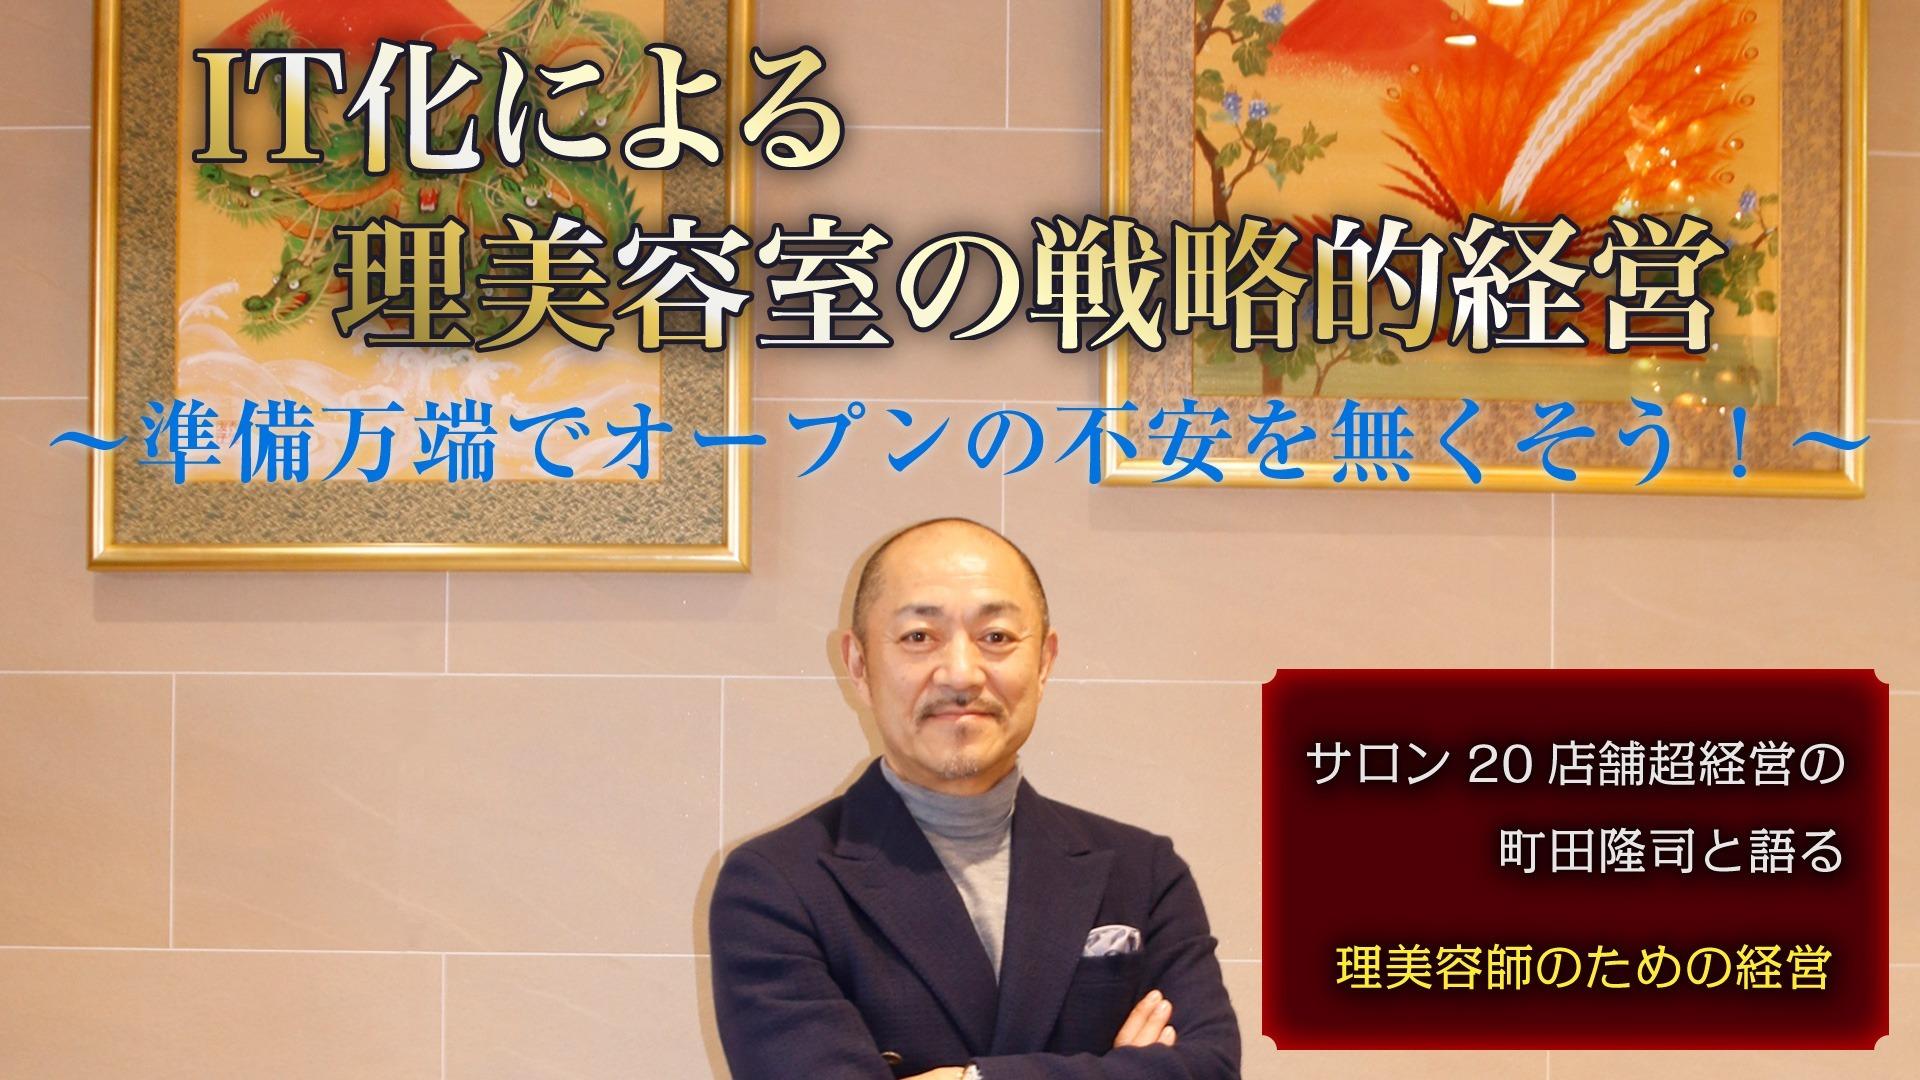 町田 隆司 - IT化による理美容室の戦略的経営~準備万端でオープンの不安を無くそう! - DMM オンラインサロン